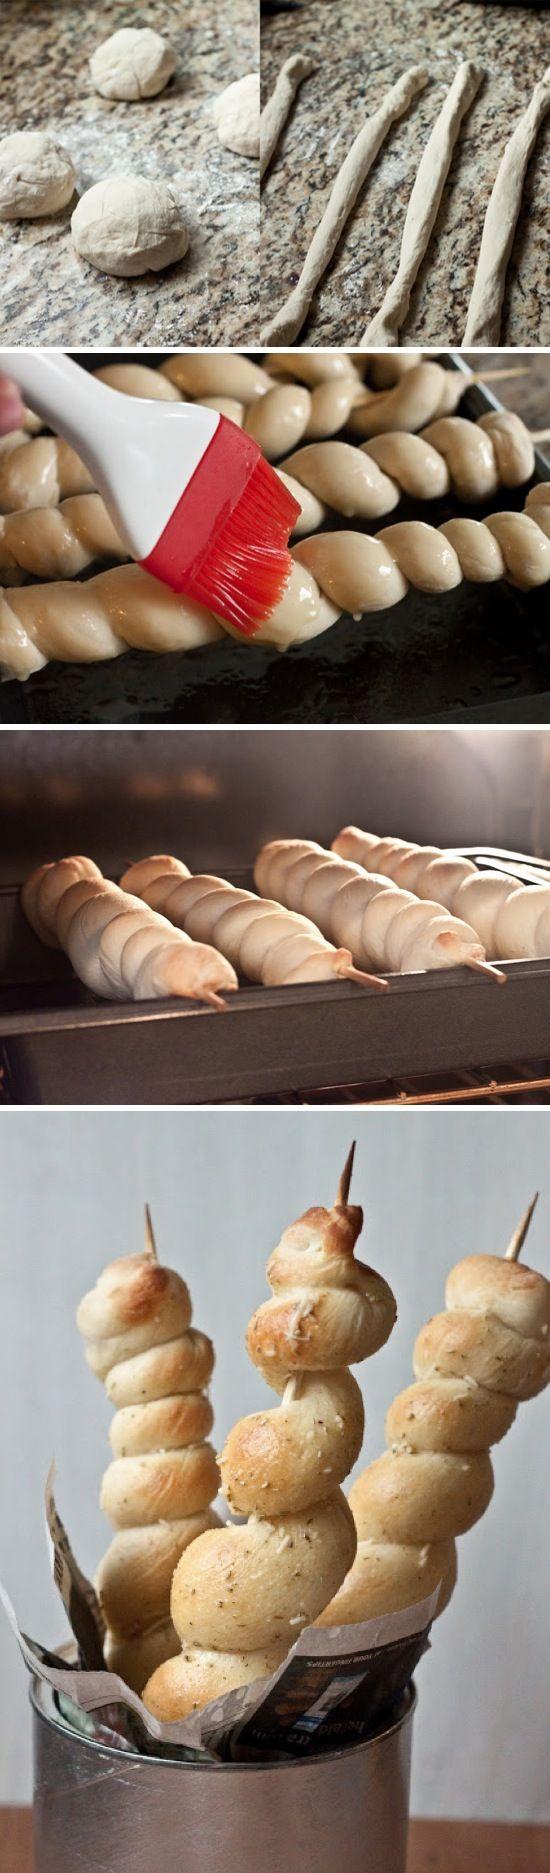 Homemade Breadsticks